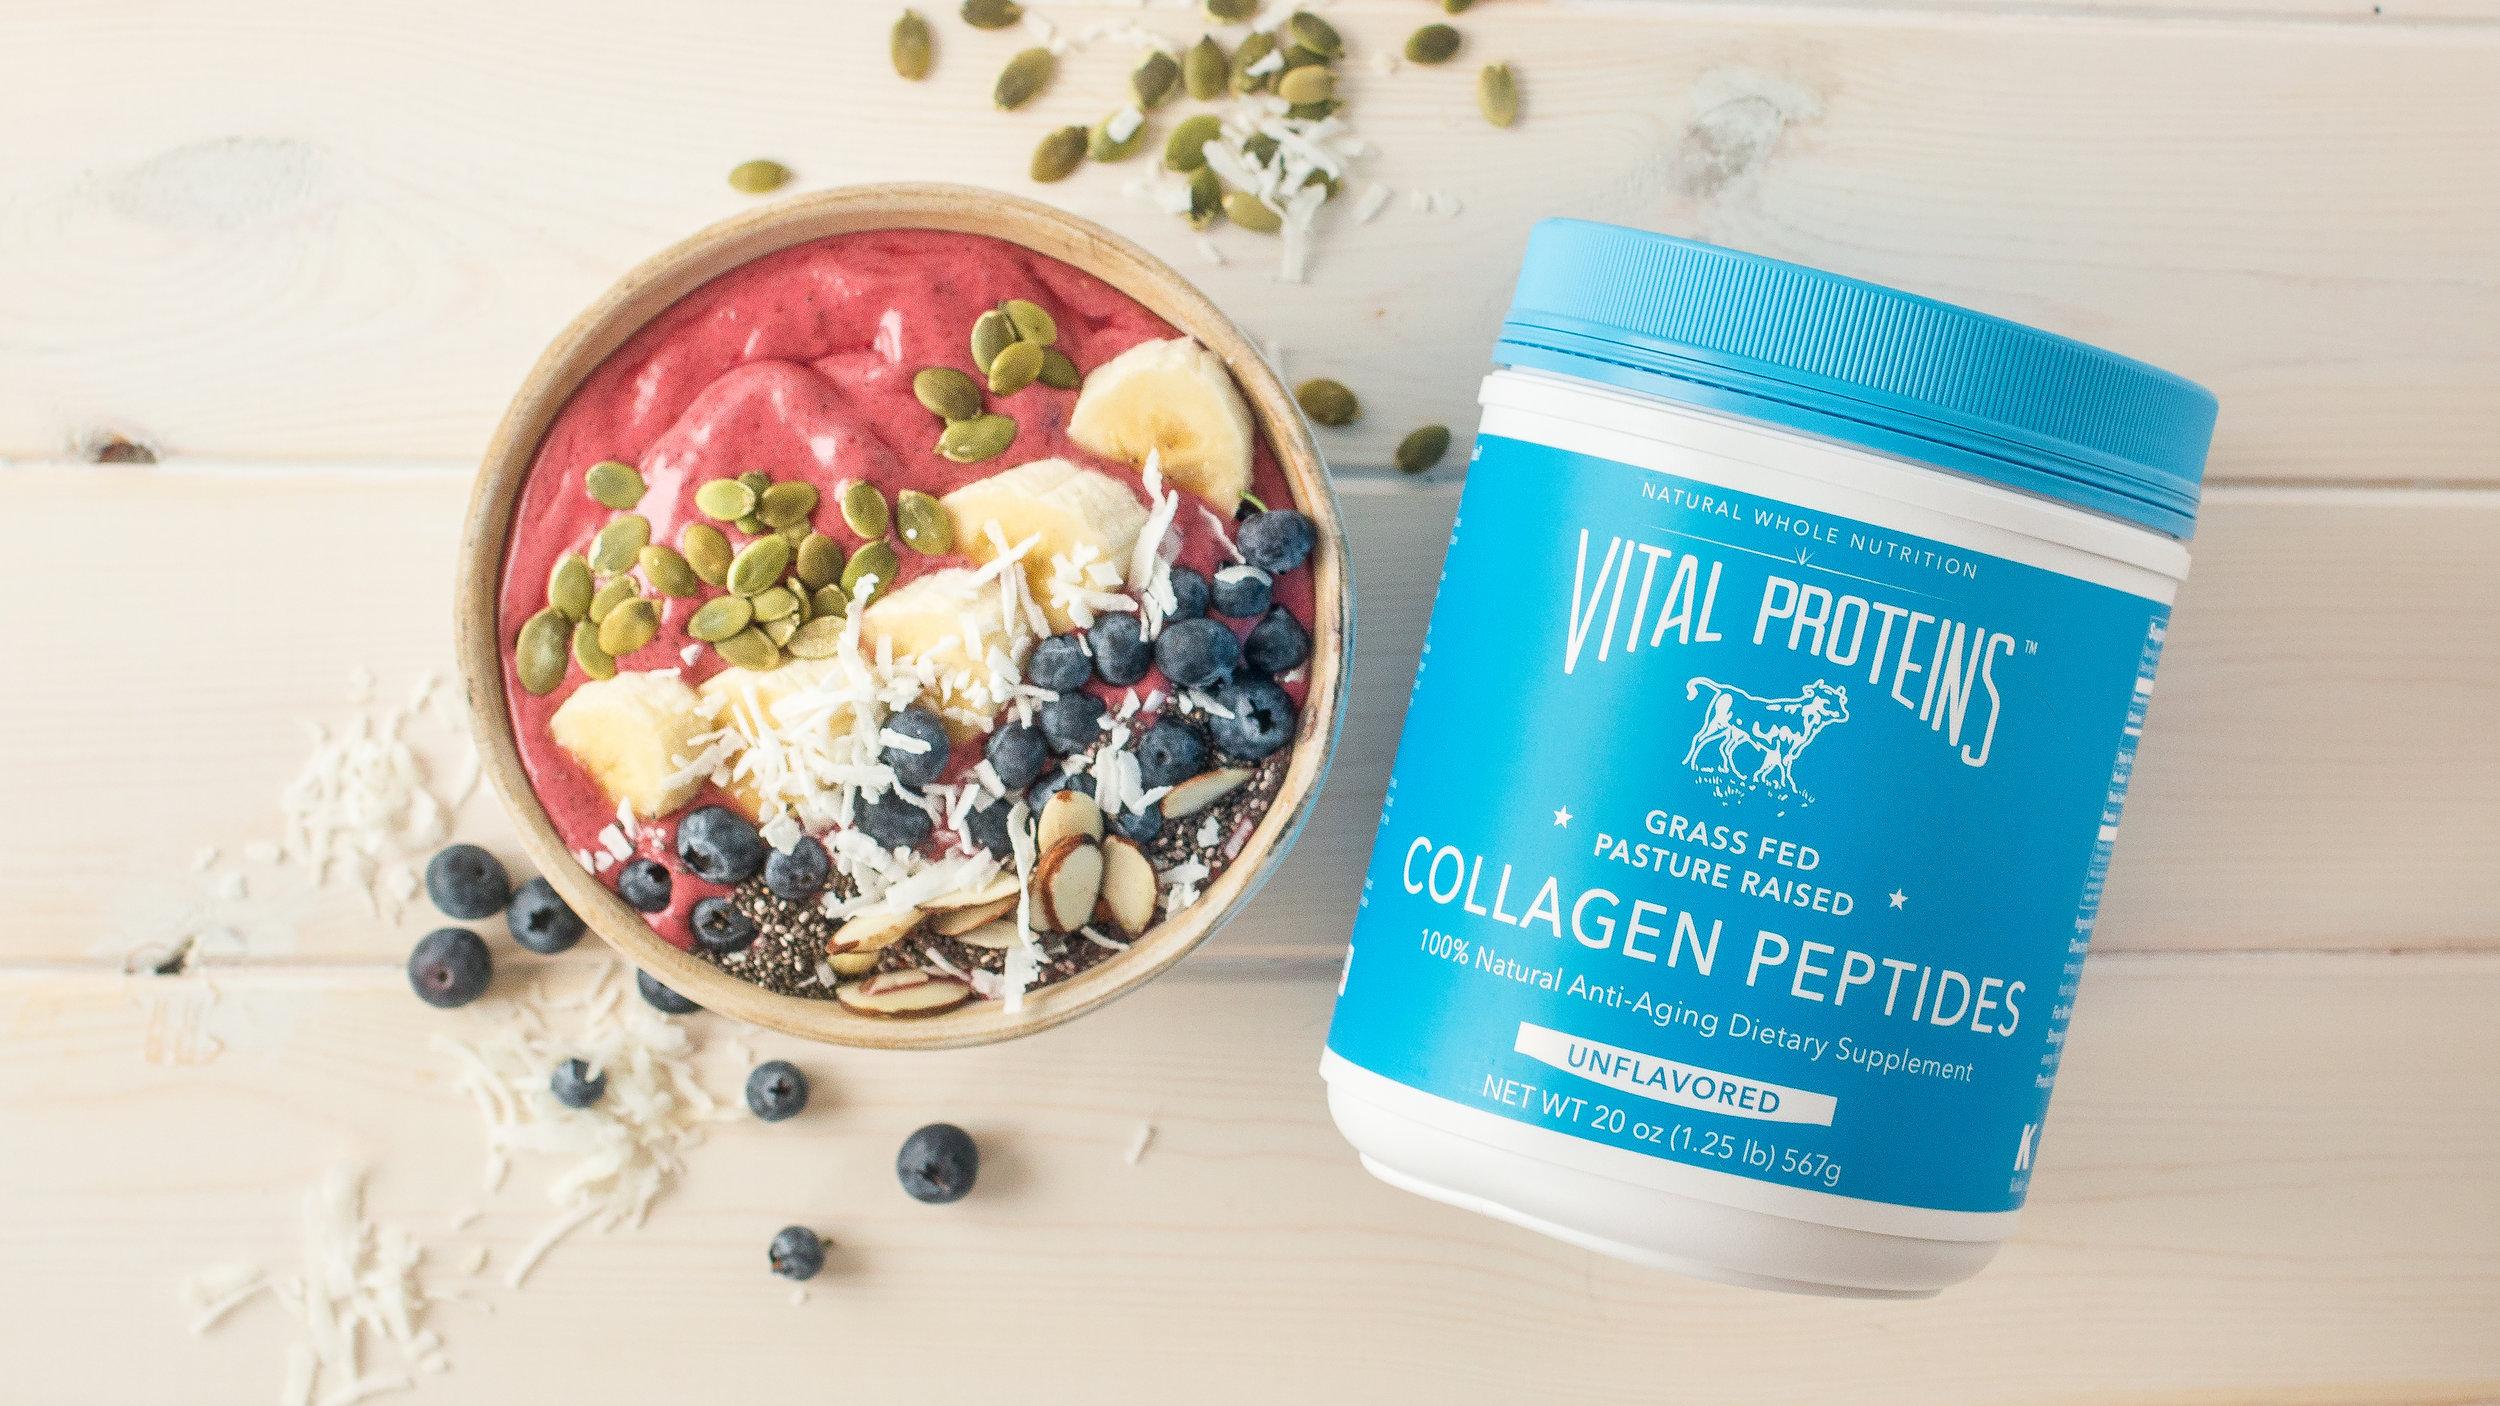 Vital Proteins Collagen Peptides 20oz 2 (1).jpg